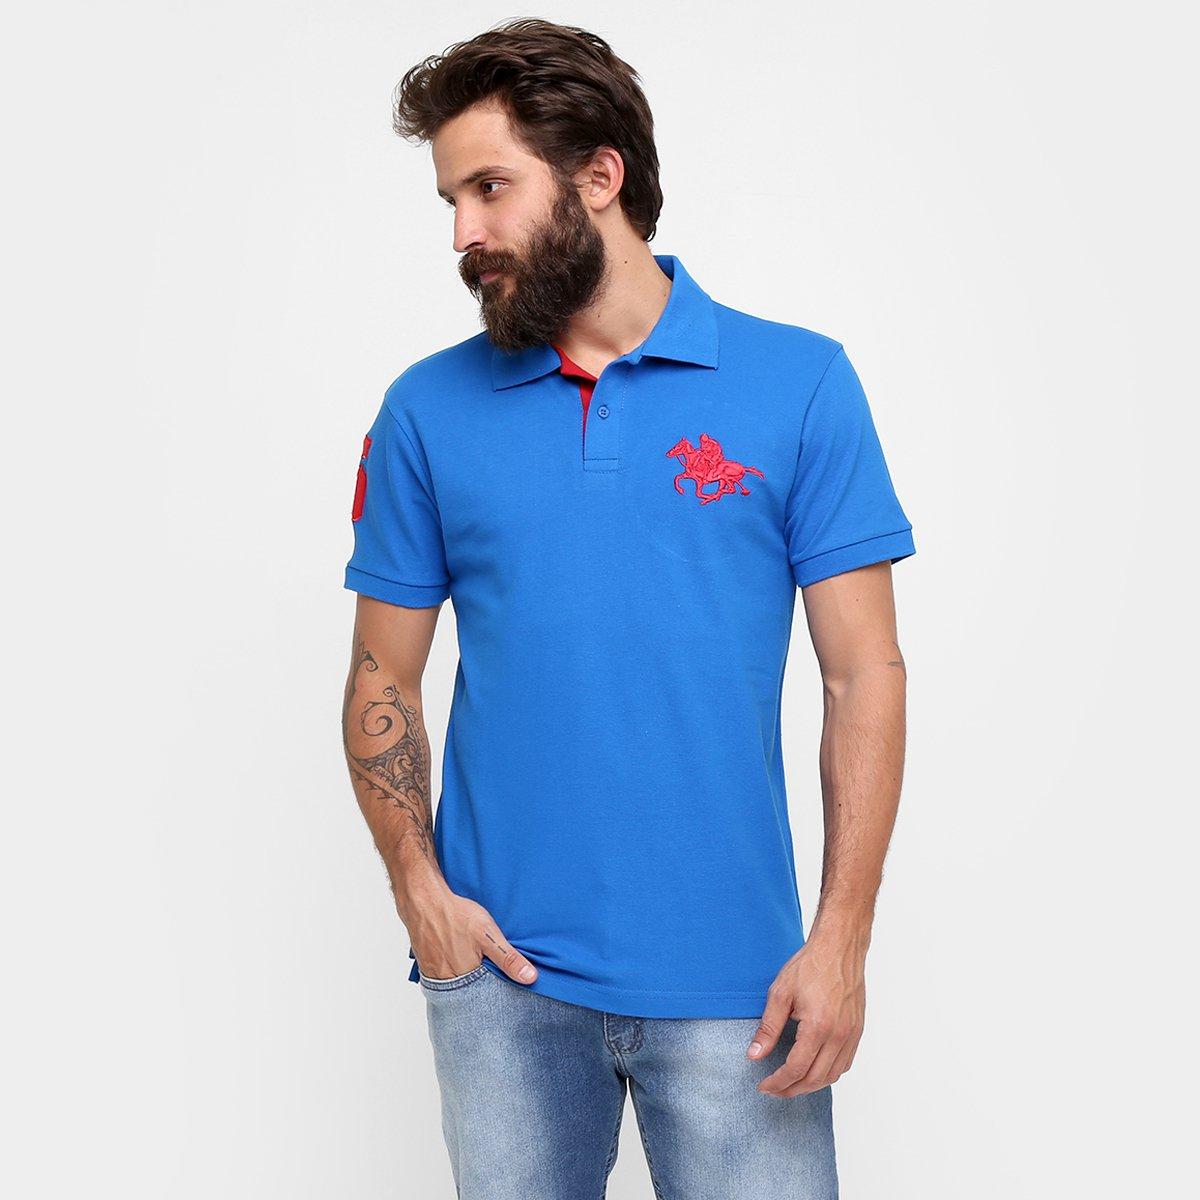 53f051391d Camisa Polo RG 518 Piquet Básica Masculina - Azul e Vermelho ...